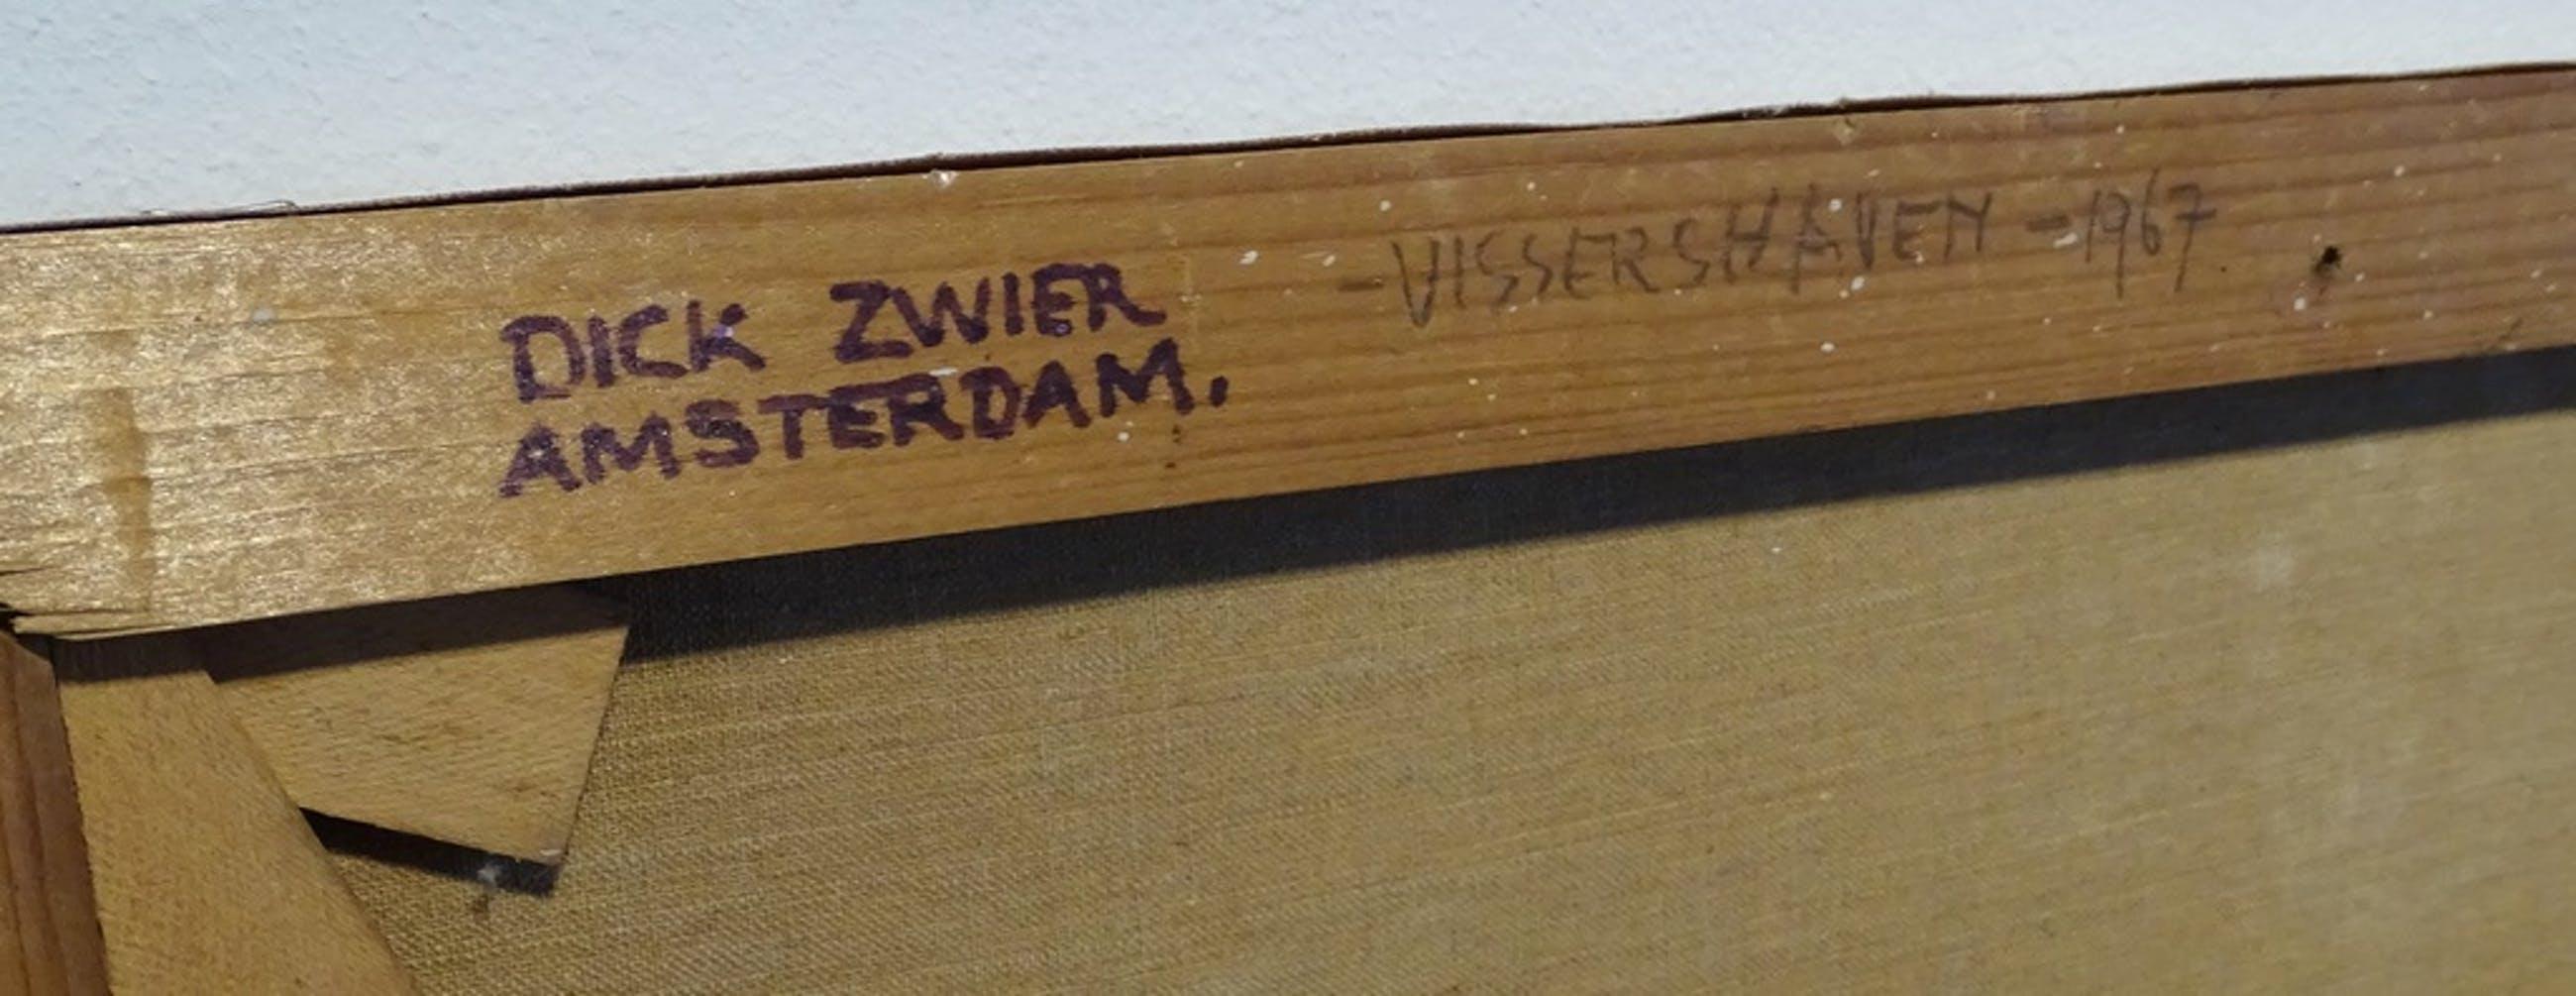 Dick Zwier - Vissershaven kopen? Bied vanaf 75!